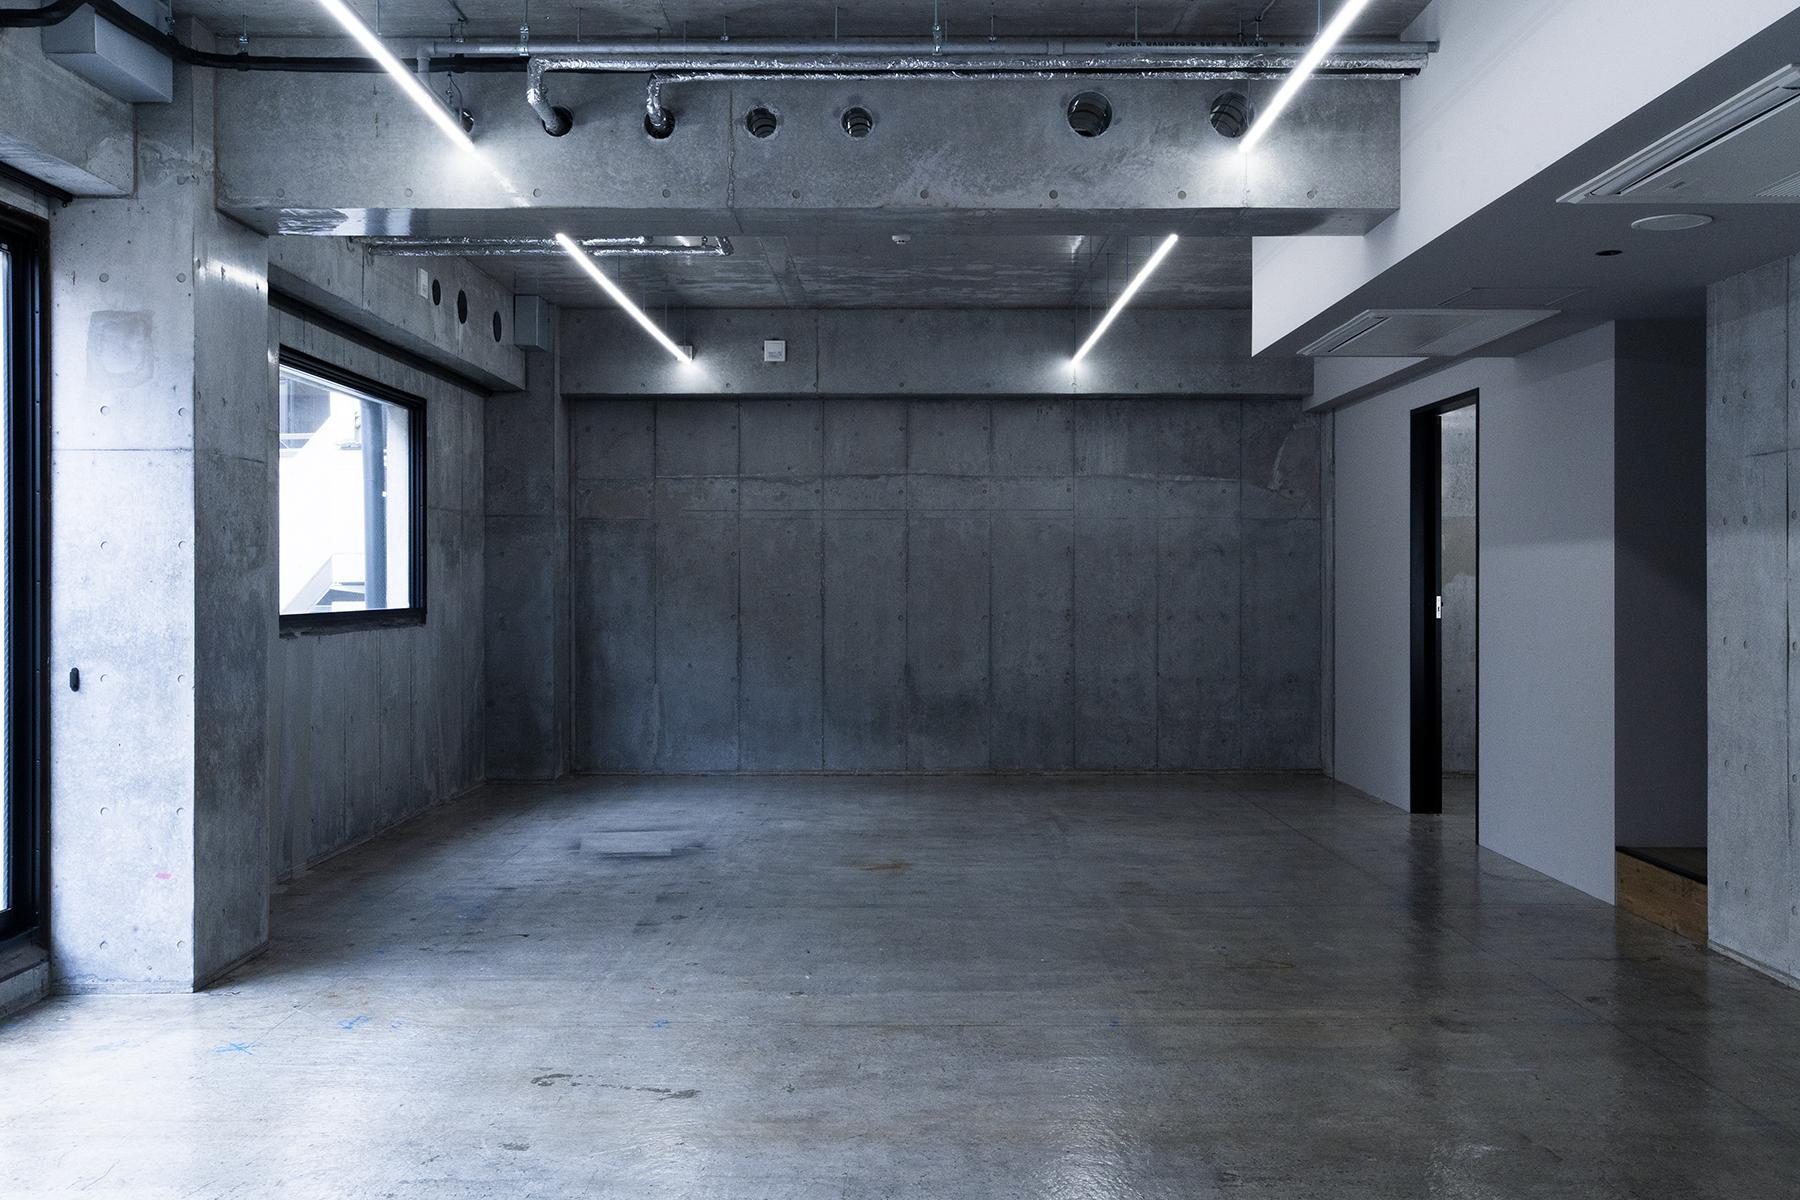 OPRCT Space R (オプレクト)コンクリートの壁方面/ 東南東方角